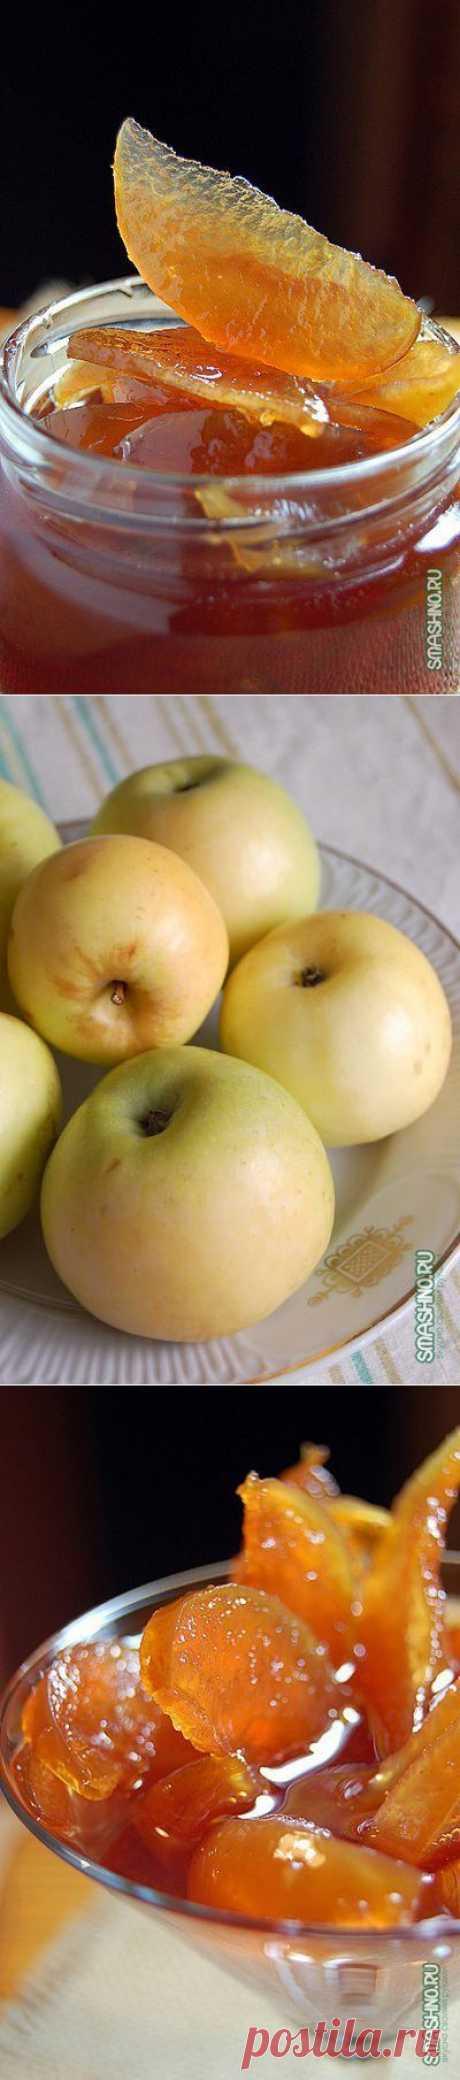 Яблочное варенье, прозрачное и душистое | Хитрости Жизни